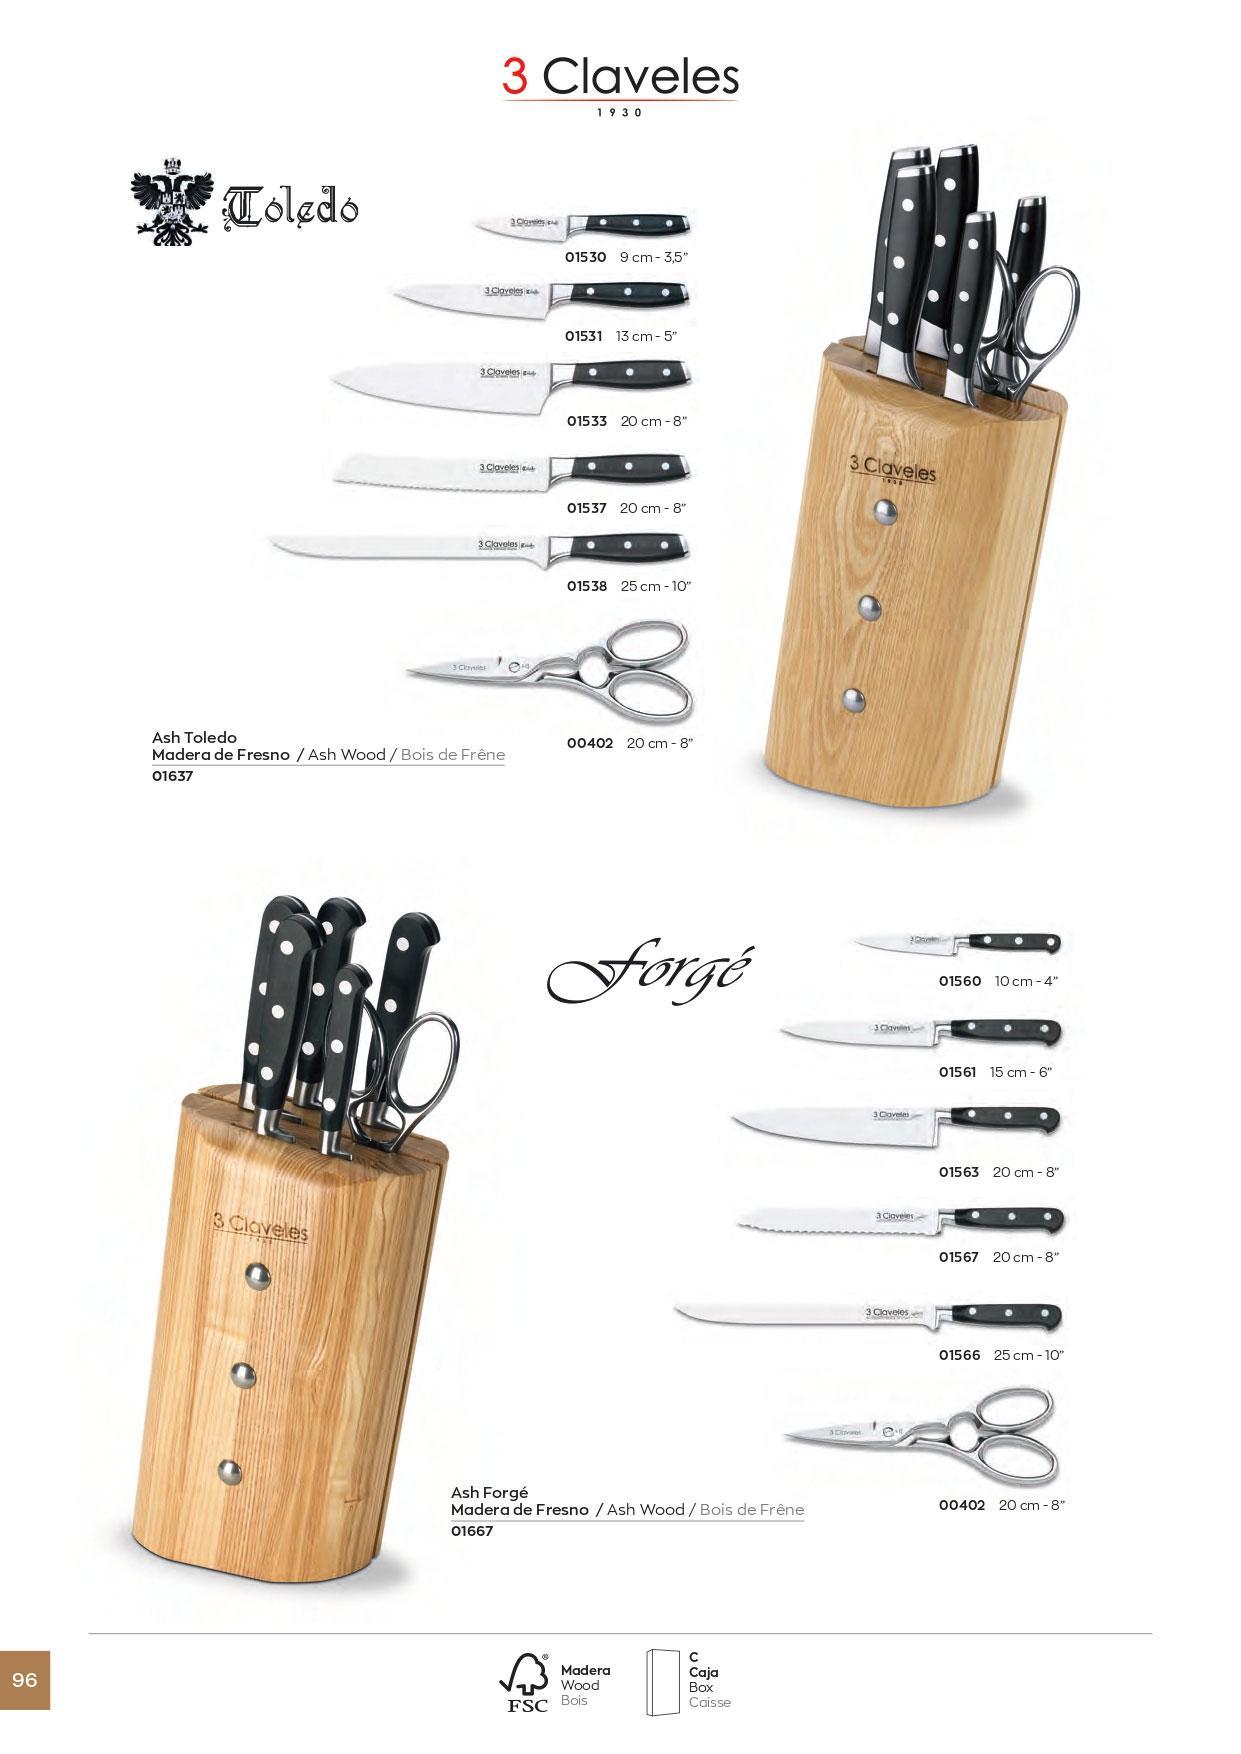 Utensili da cucina set di coltelli juegos cocina fresno for Ingrosso utensili da cucina